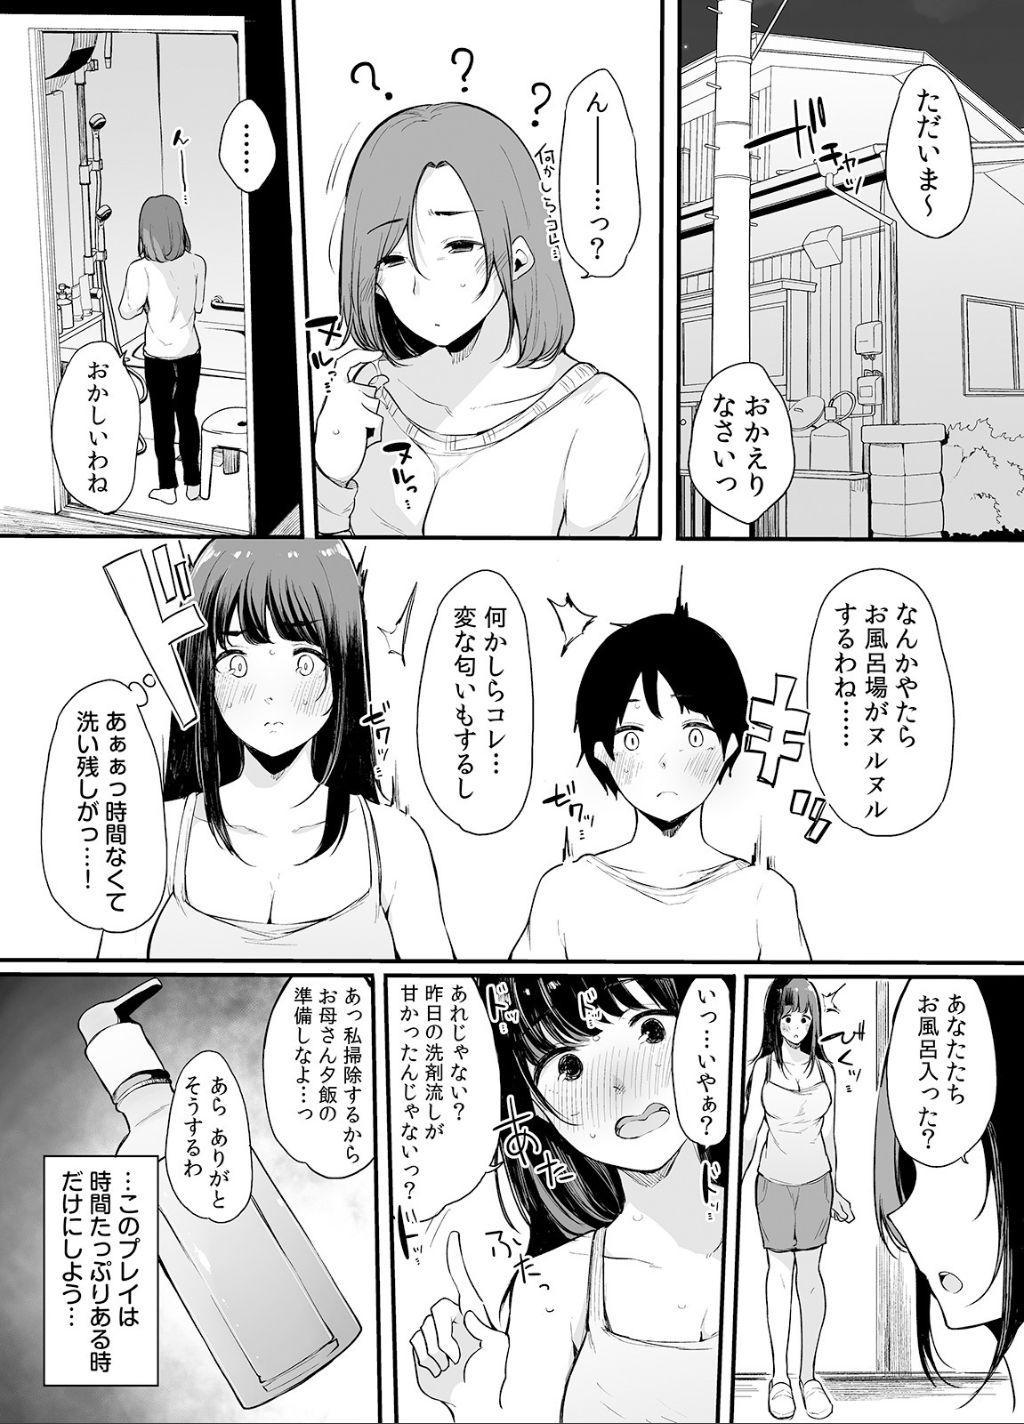 Otouto ni Ero Manga to Onaji Koto o Sare Chau o Nee-chan no Hanashi 2 77